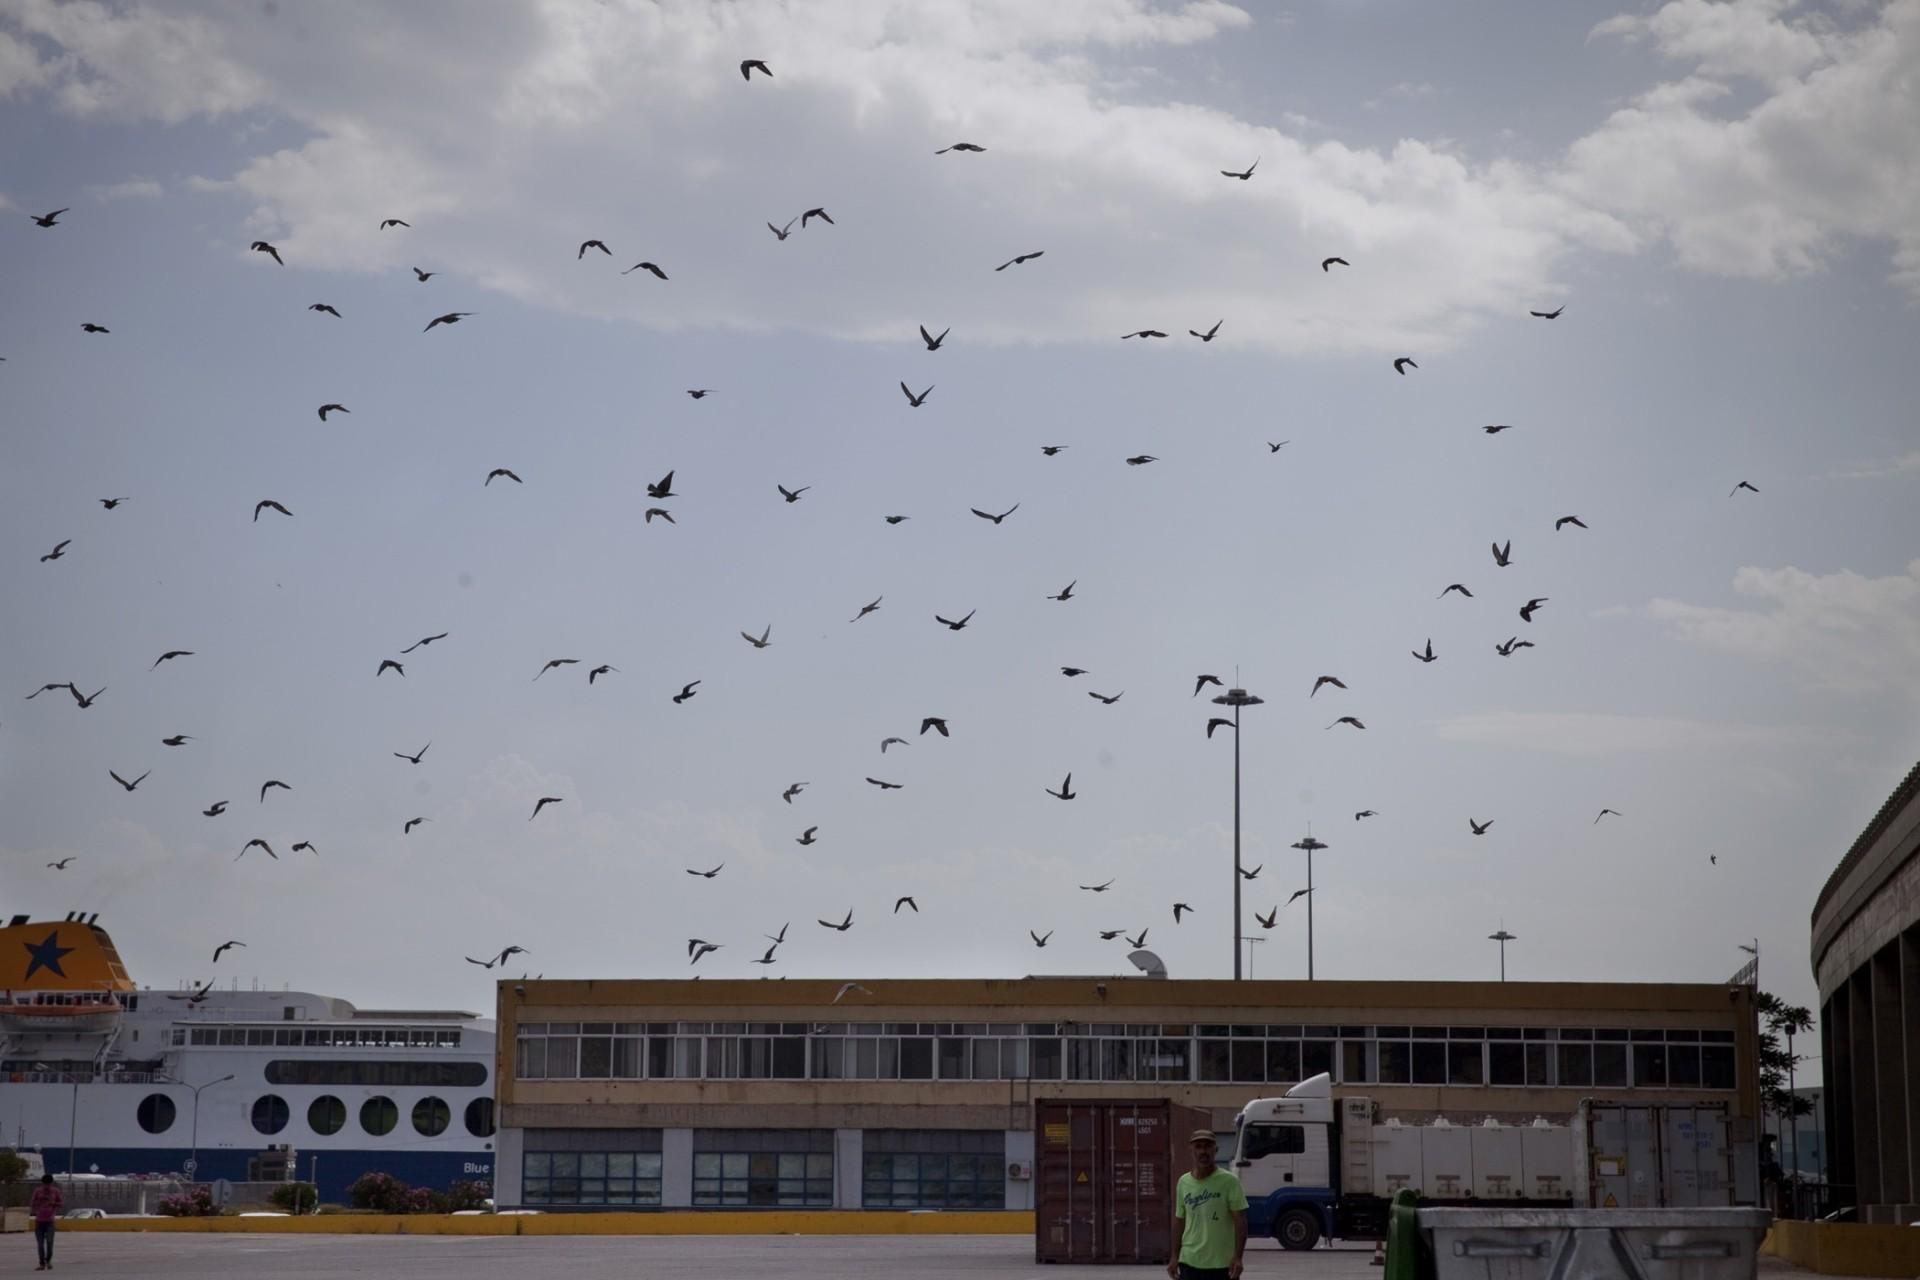 Terminal E2, à l'intérieur du bâtiment se trouve un café avec wifi. Les migrants y passent beaucoup de temps pour recharger leur téléphone et communiquer avec leur famille.